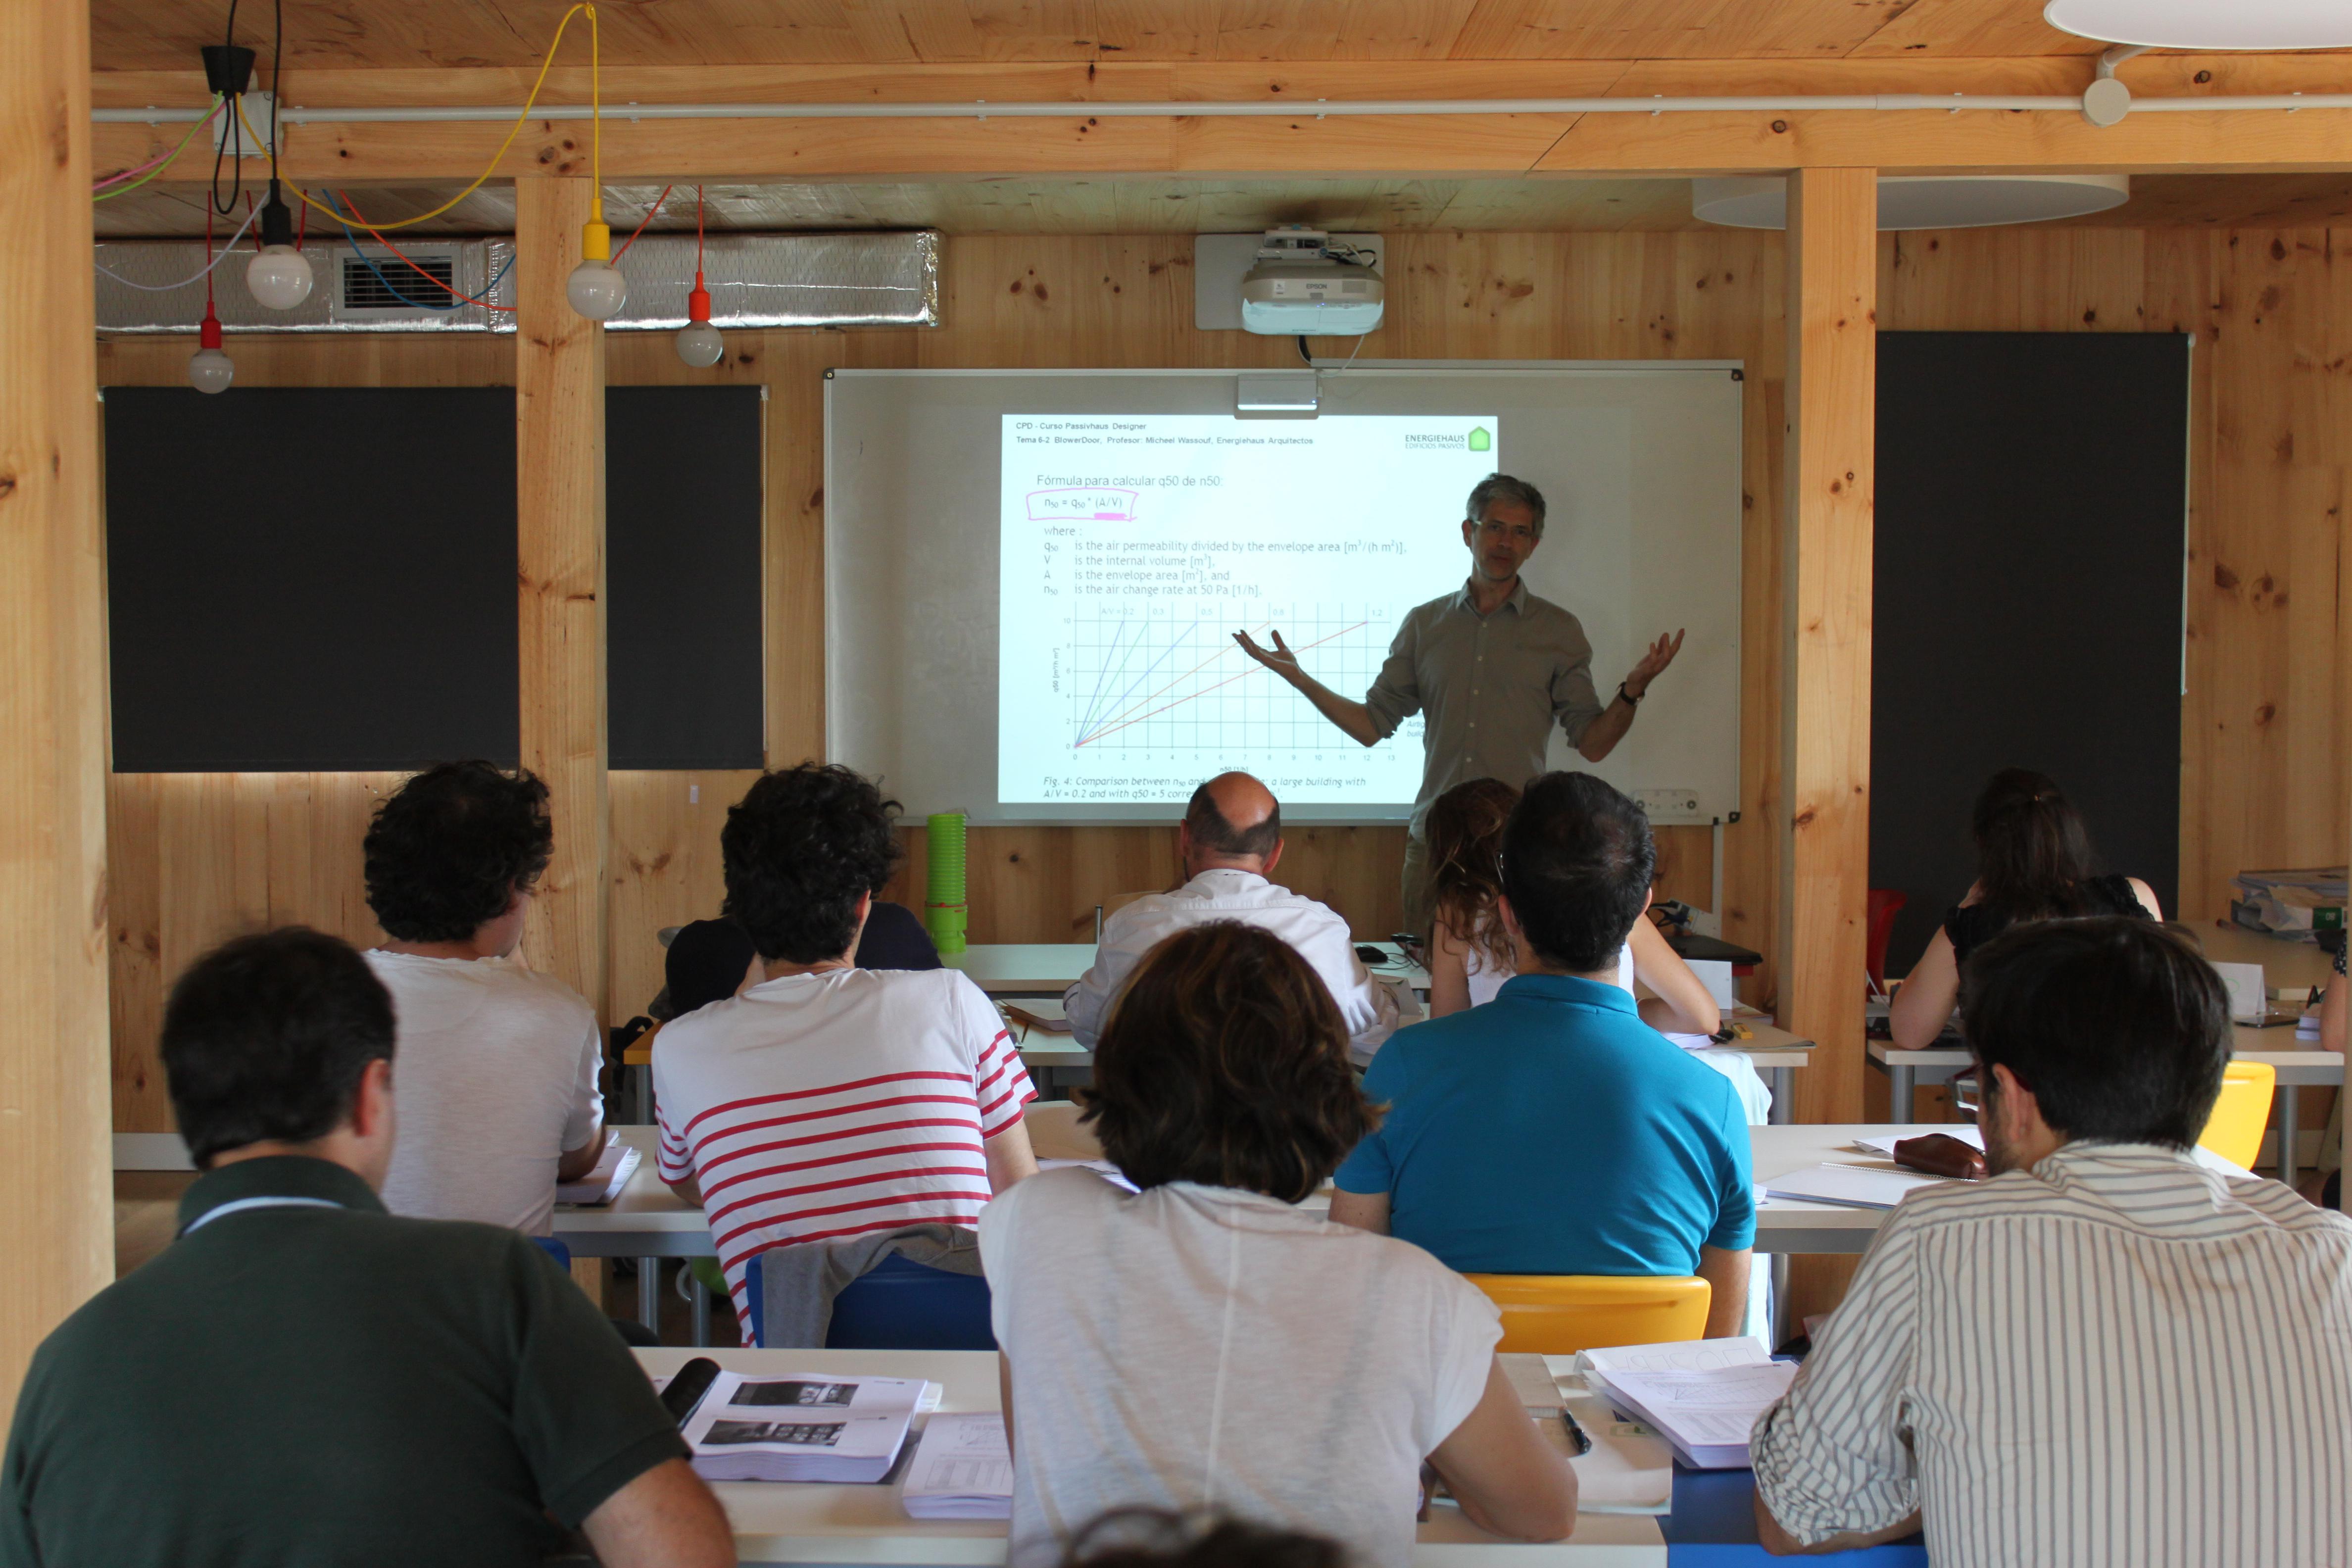 foto noticia: Arranca el primer curso Passivhaus Designer de Gipuzkoa organizado por Energiehaus con la colaboración de Kursaal Green